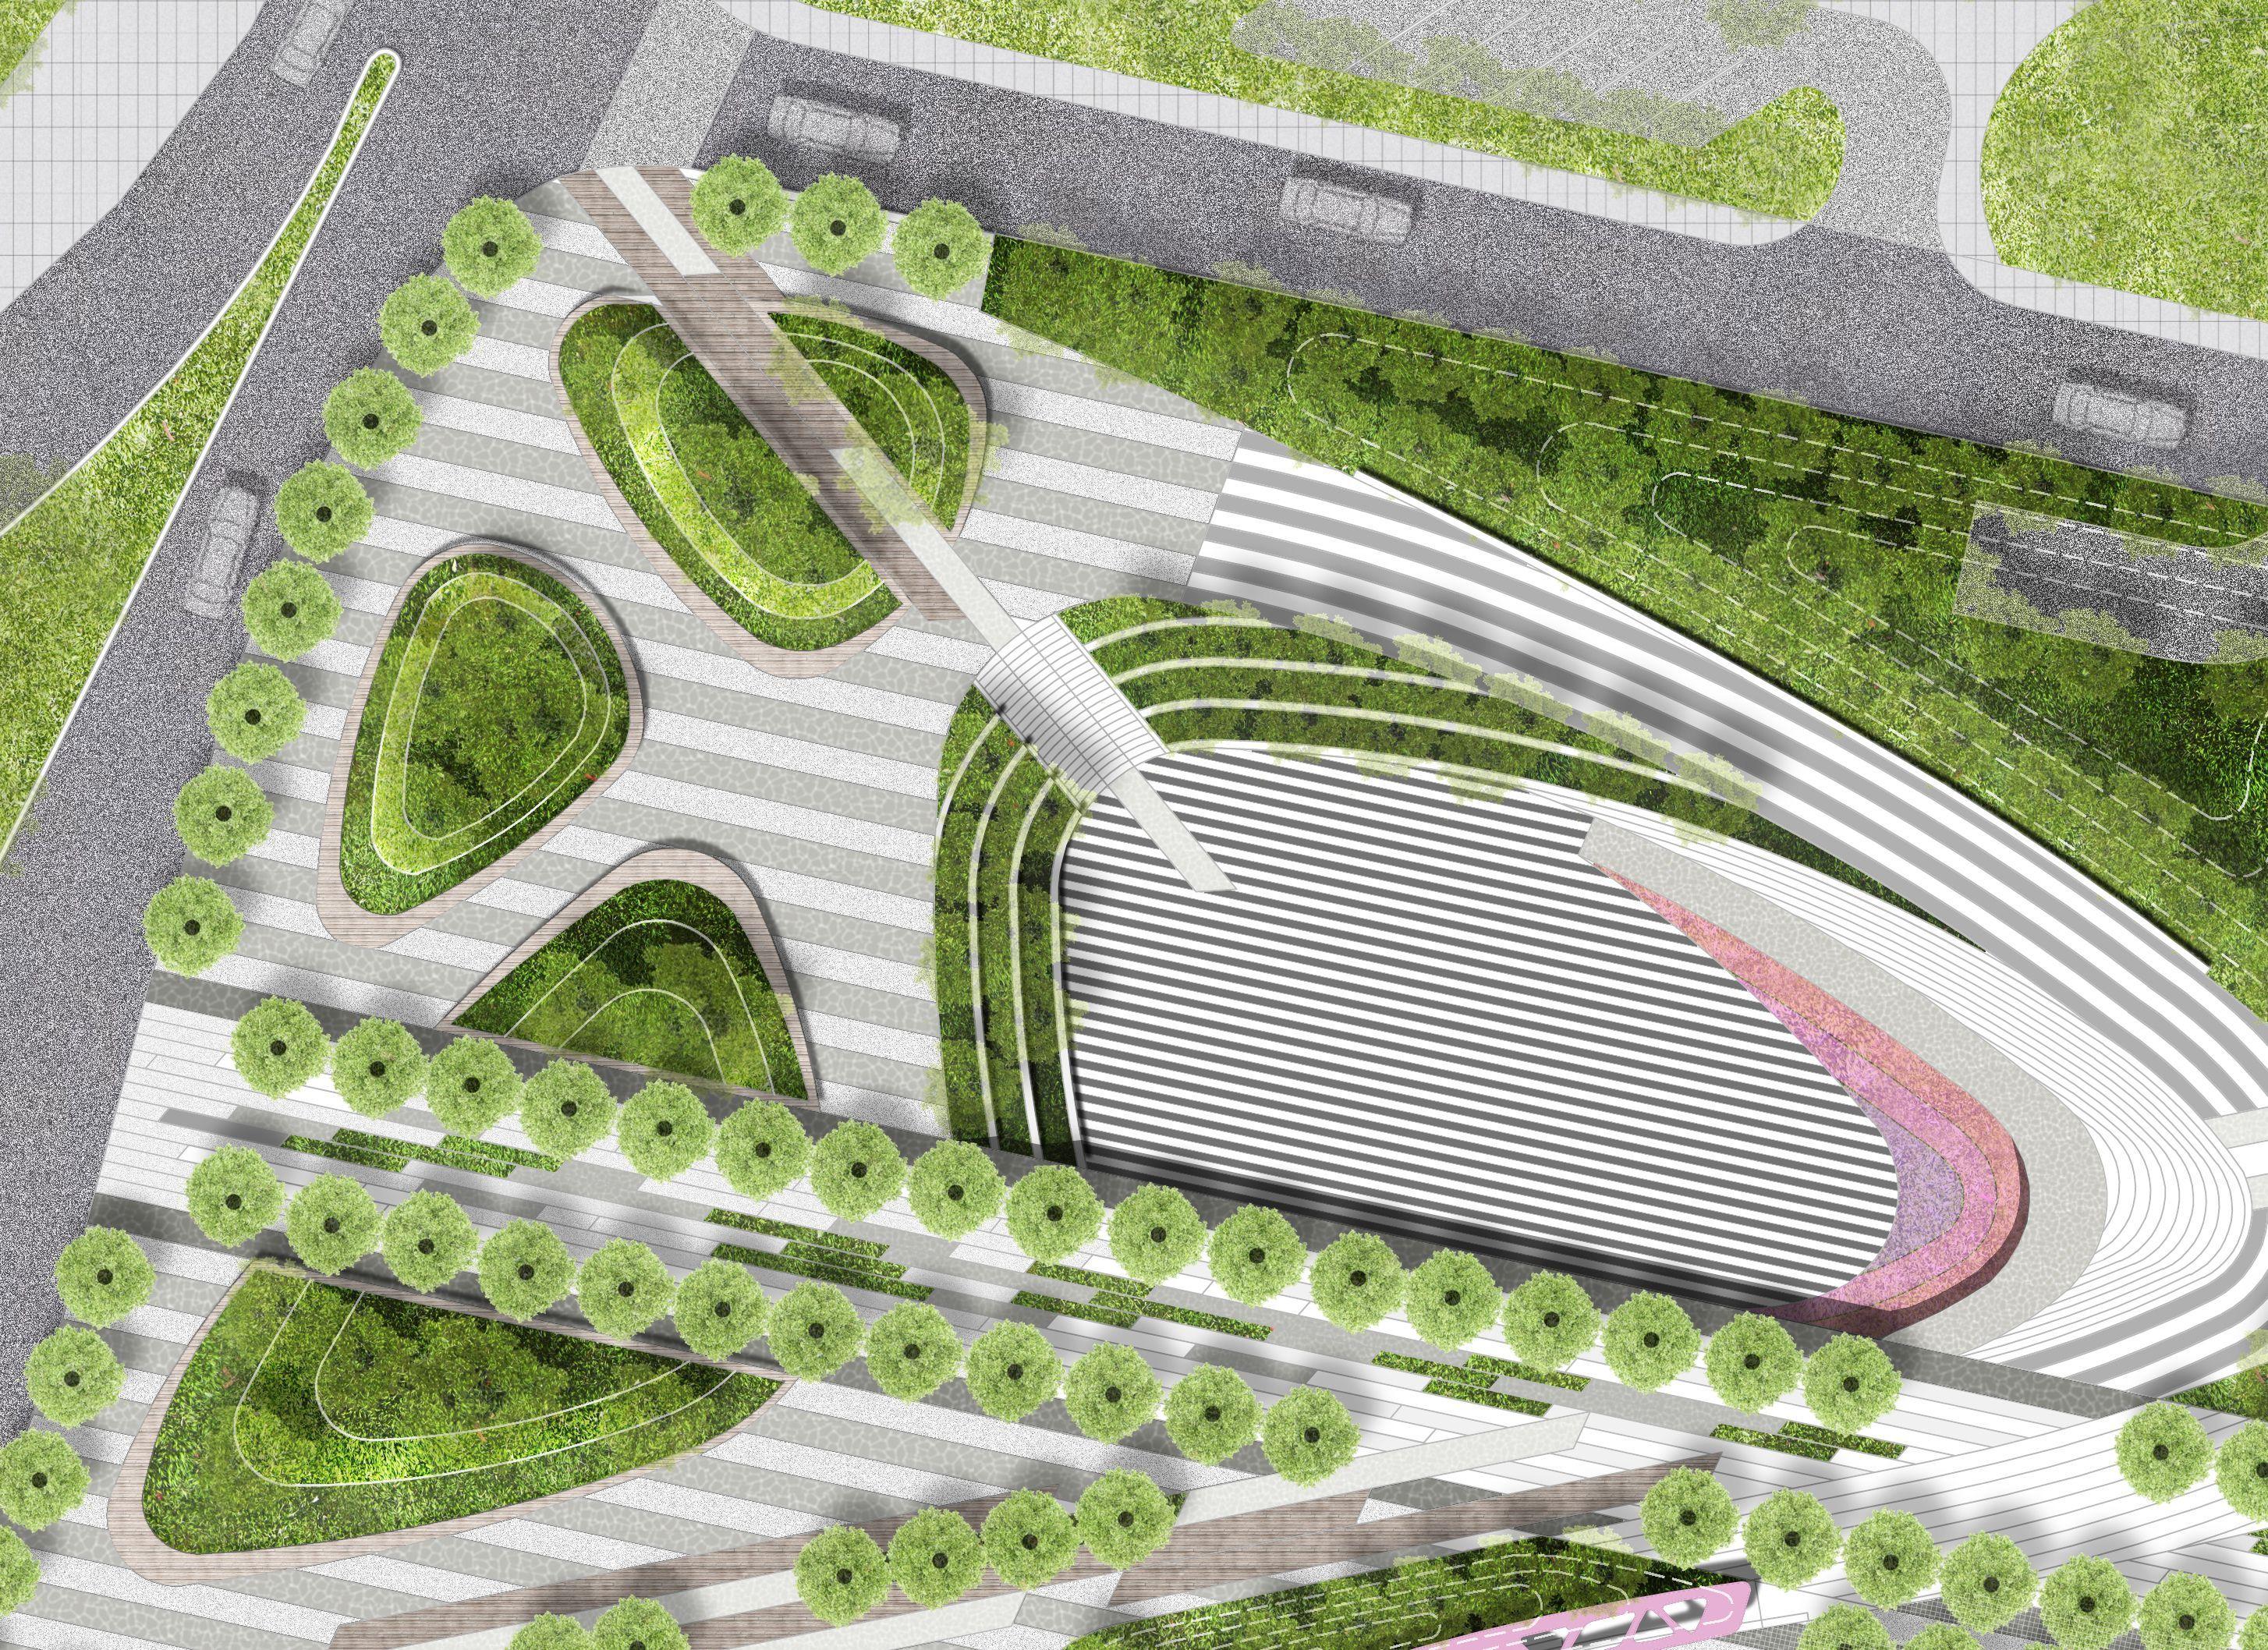 Image Result For Urban Park Landscape Design Plan Landscape Design Plans Landscape Design Site Plan Design